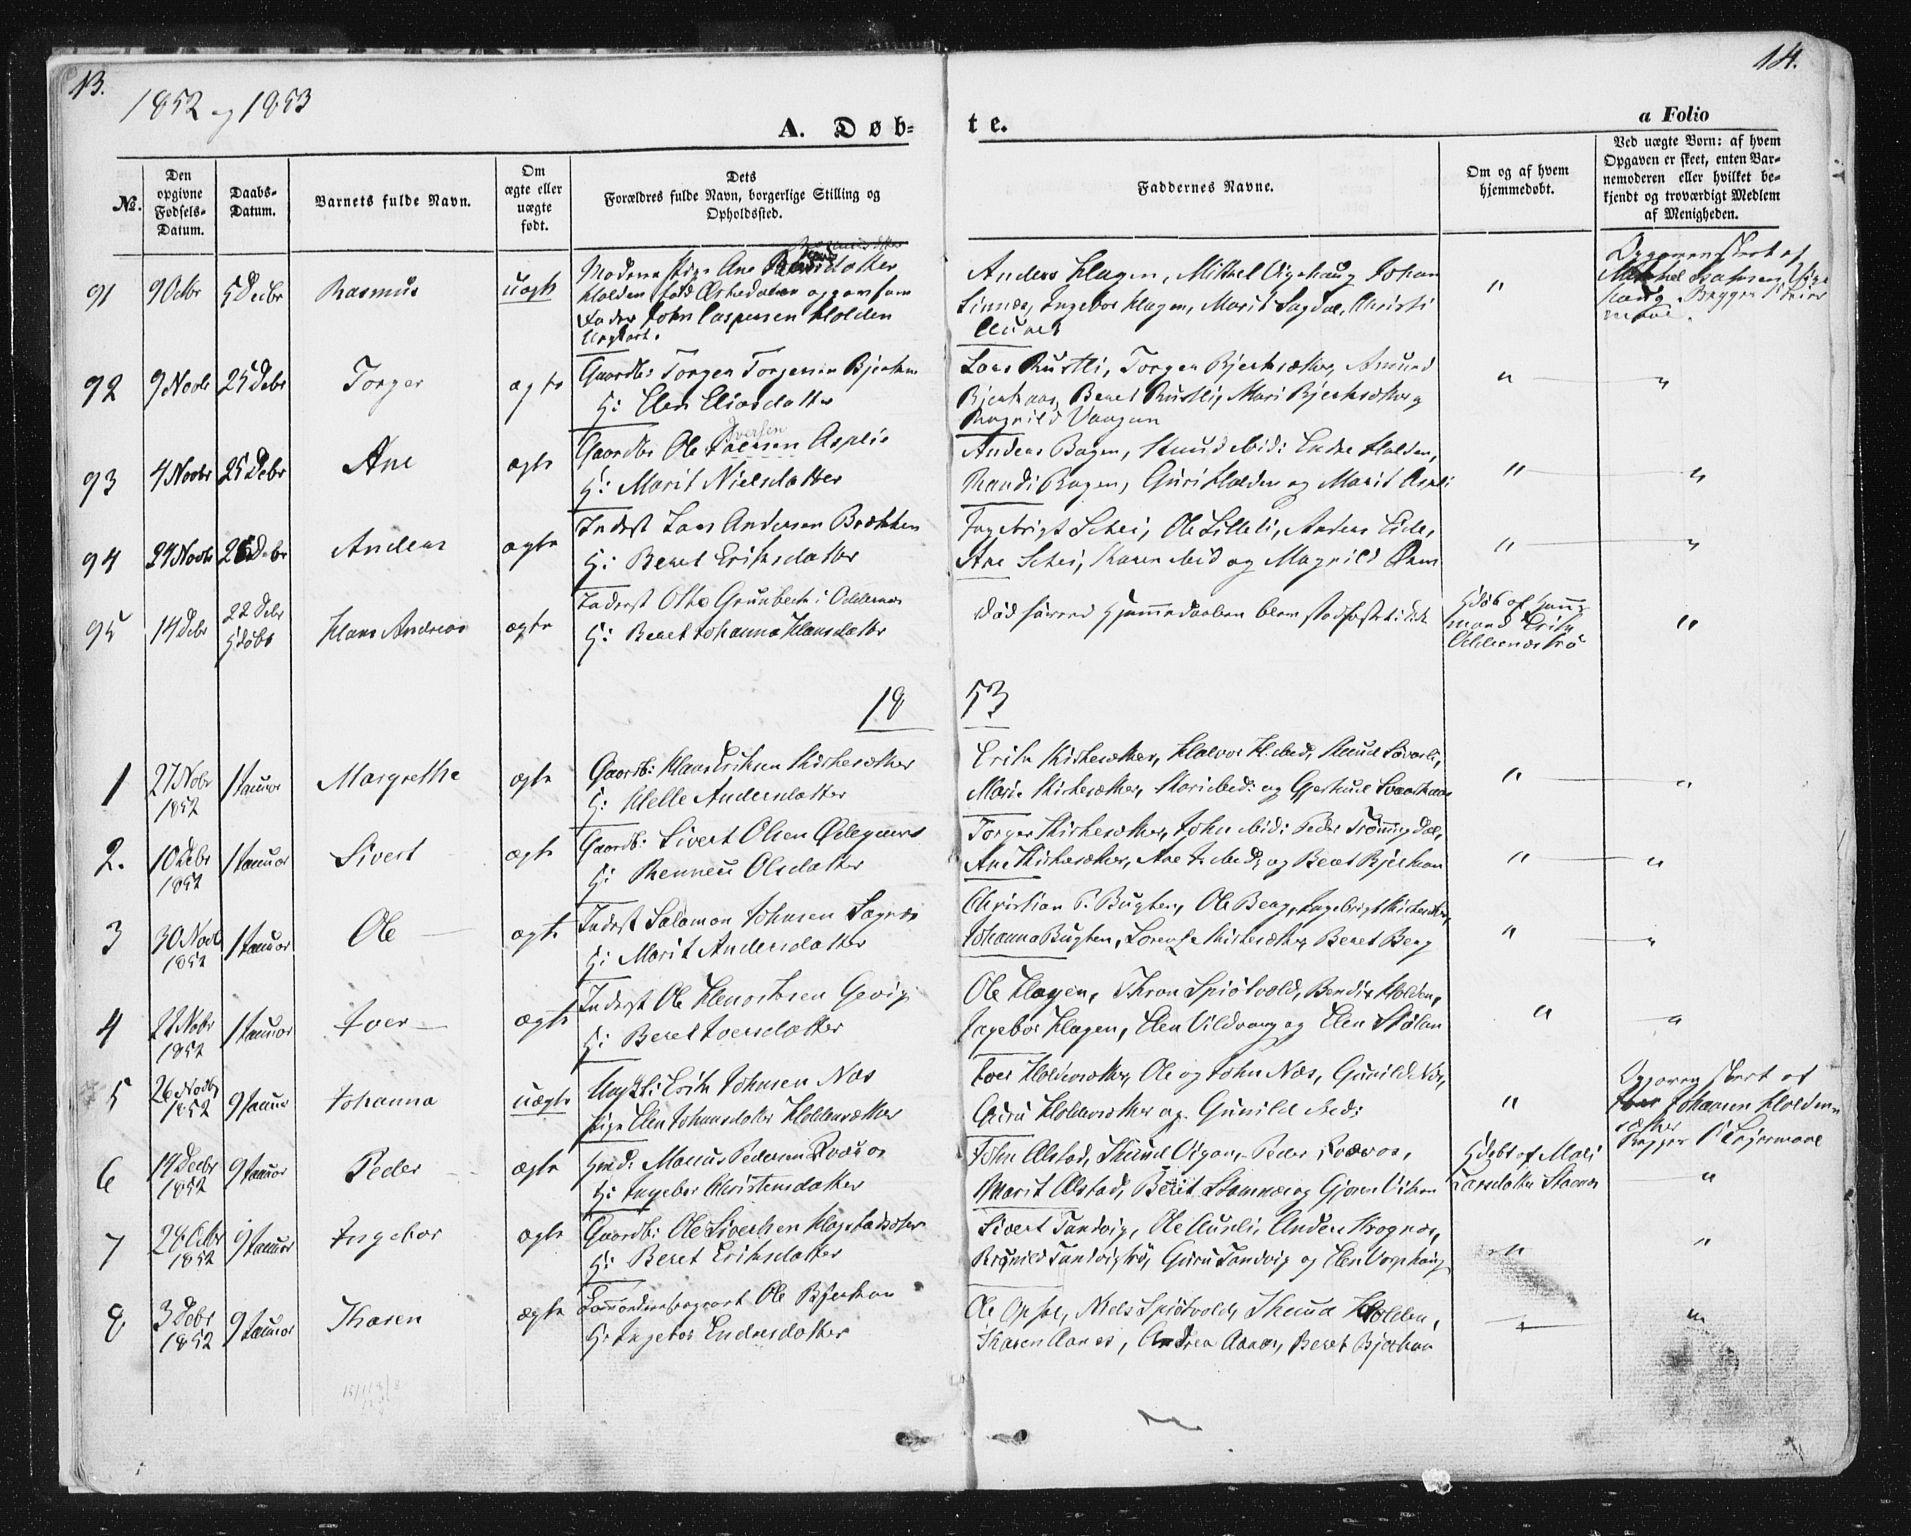 SAT, Ministerialprotokoller, klokkerbøker og fødselsregistre - Sør-Trøndelag, 630/L0494: Ministerialbok nr. 630A07, 1852-1868, s. 13-14